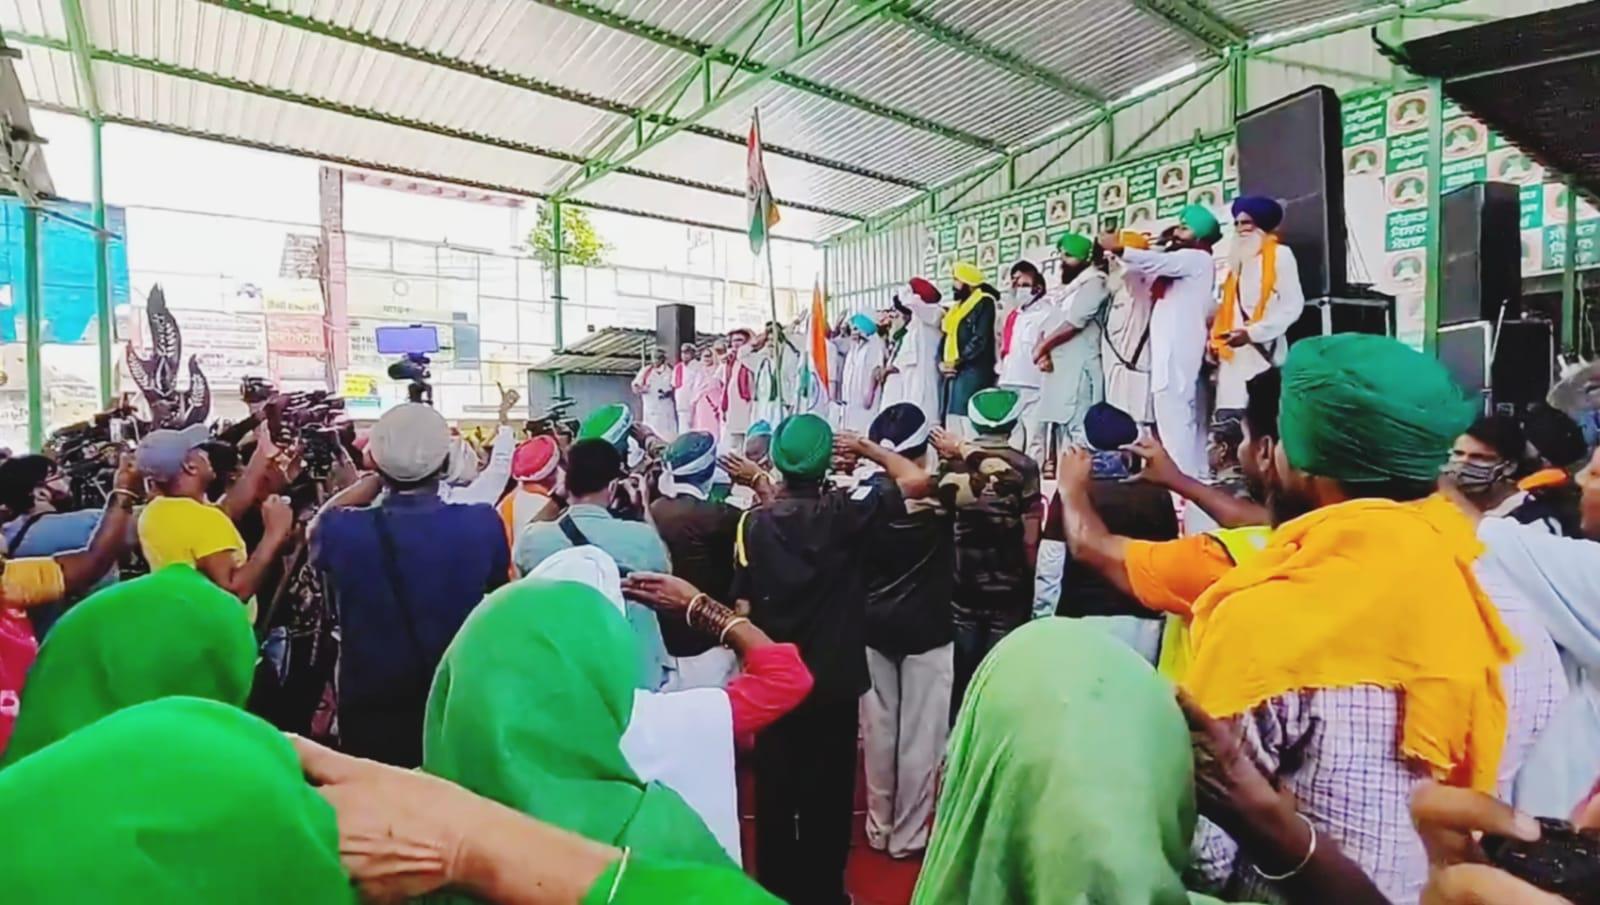 सिंघु बॉर्डर पर तिरंगा फहराने के बाद किसानों ने रास्ट्रगान गाया।